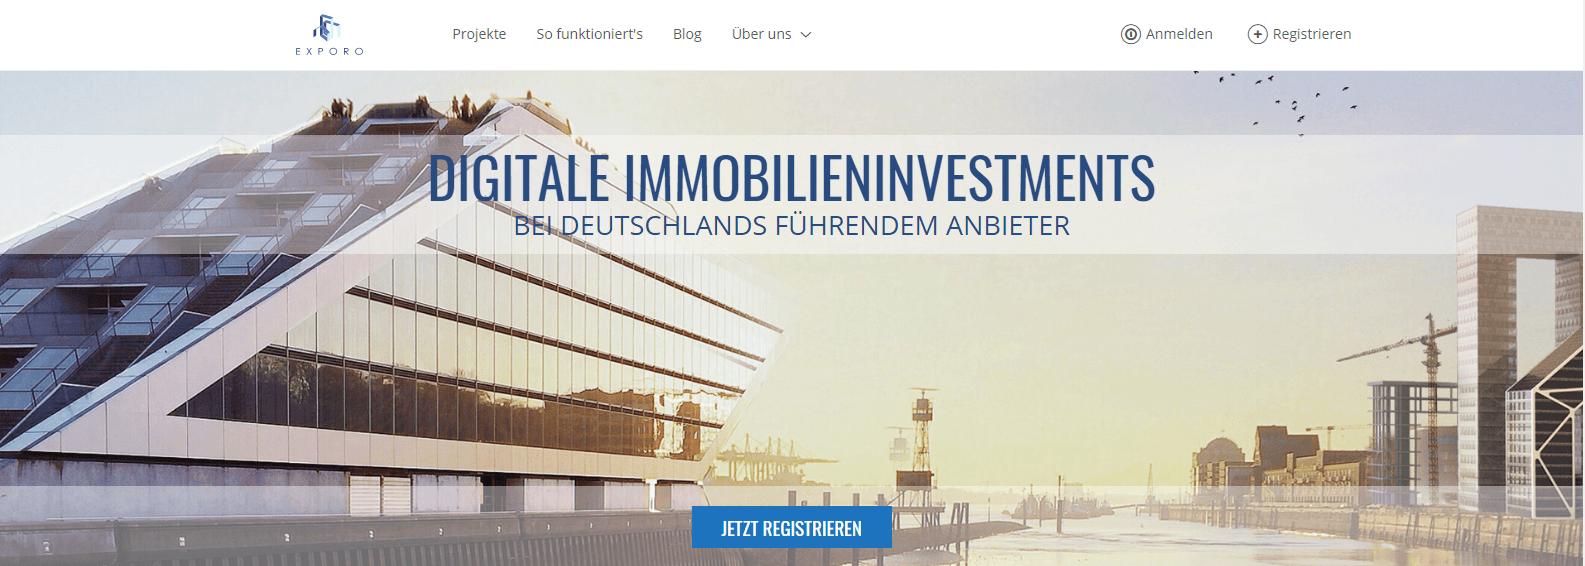 Bei der Consorsbank jetzt auch digitale Immobilieninvestments tätigen.